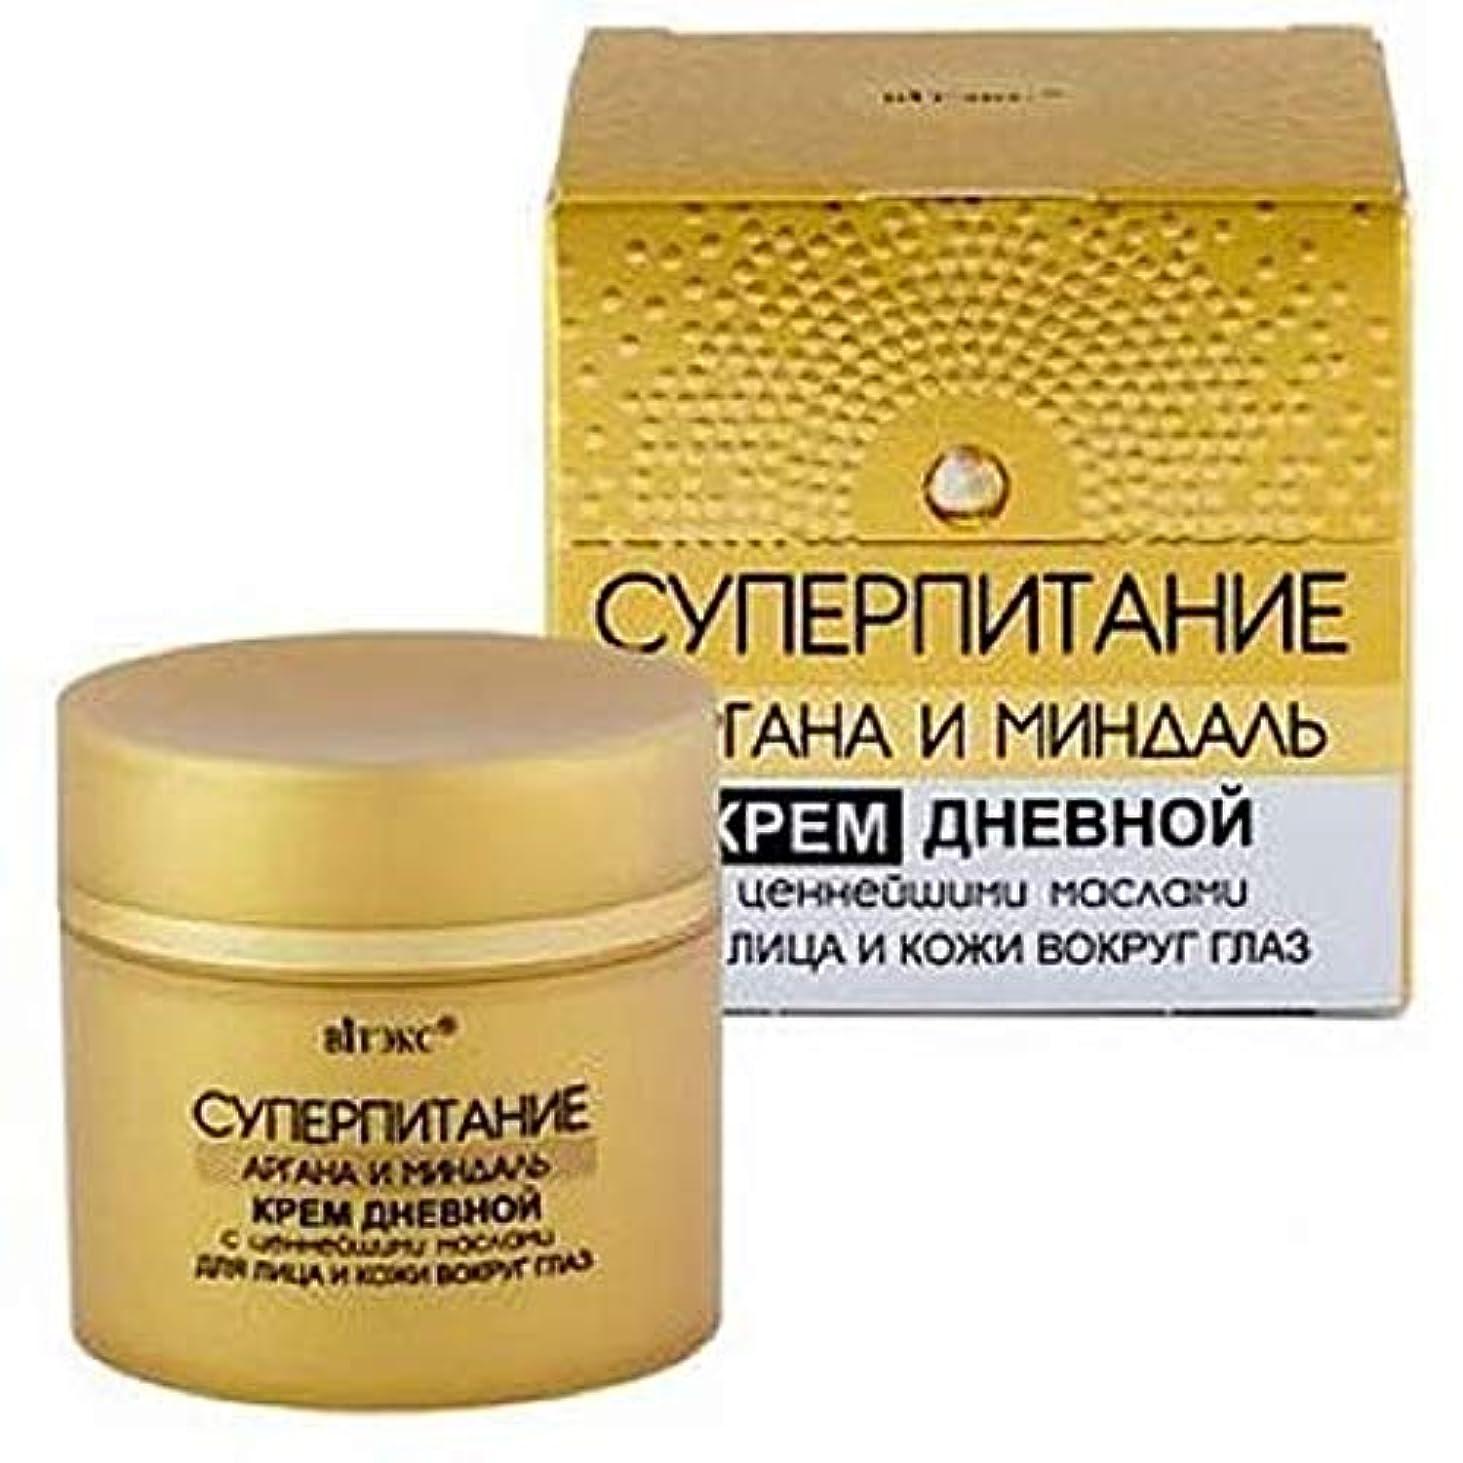 学習者アトミックブリリアントDay cream with the most valuable oils for the face and skin around the eyes | Argan and Almond | Nutrition | Actively...